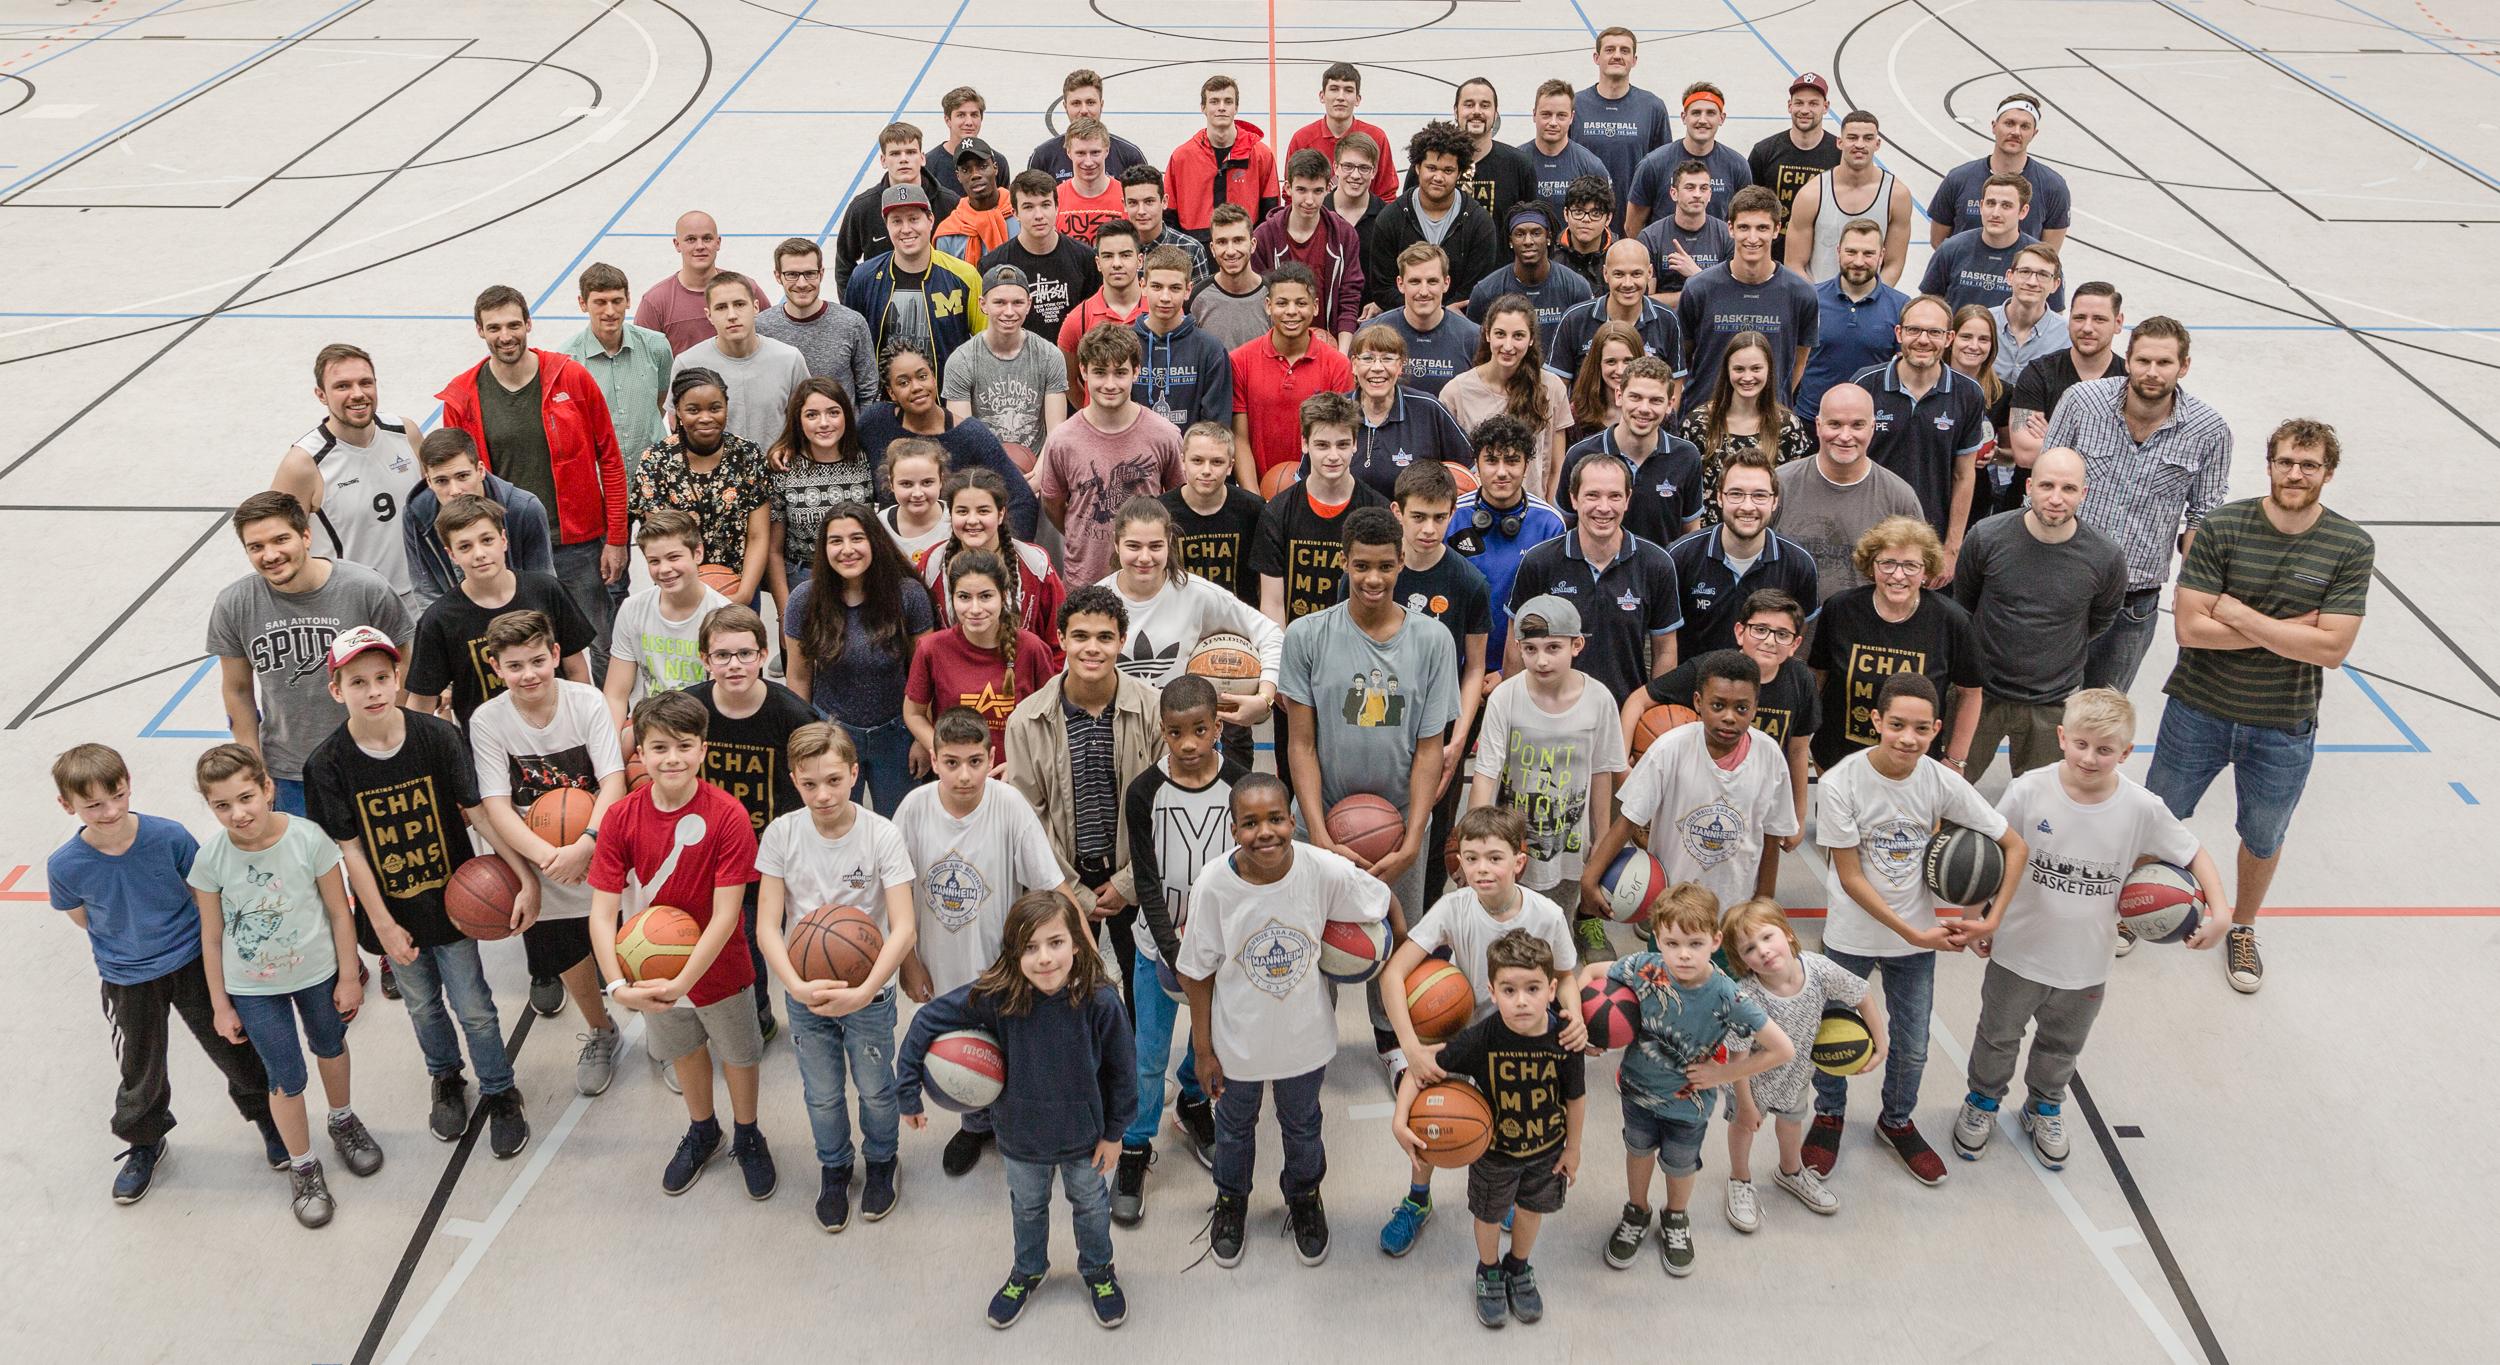 mannheim basketball